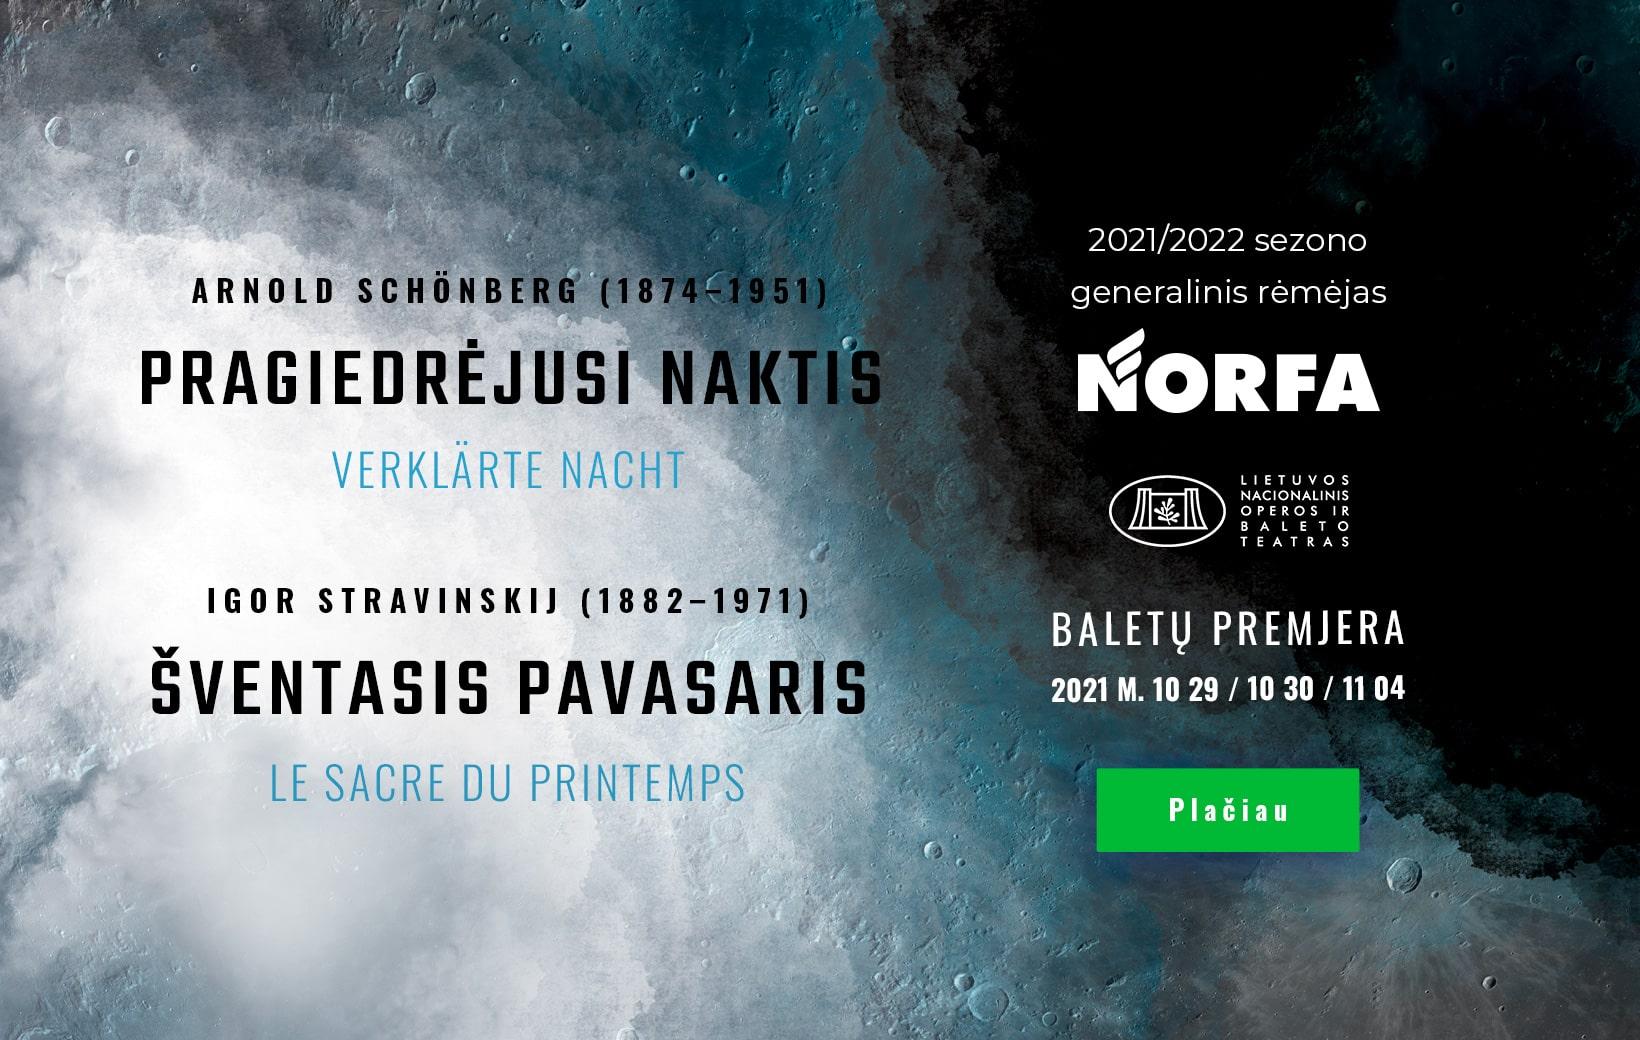 NORFA - Operos ir Baleto teatro 21/22 sezono generalinis rėmėjas